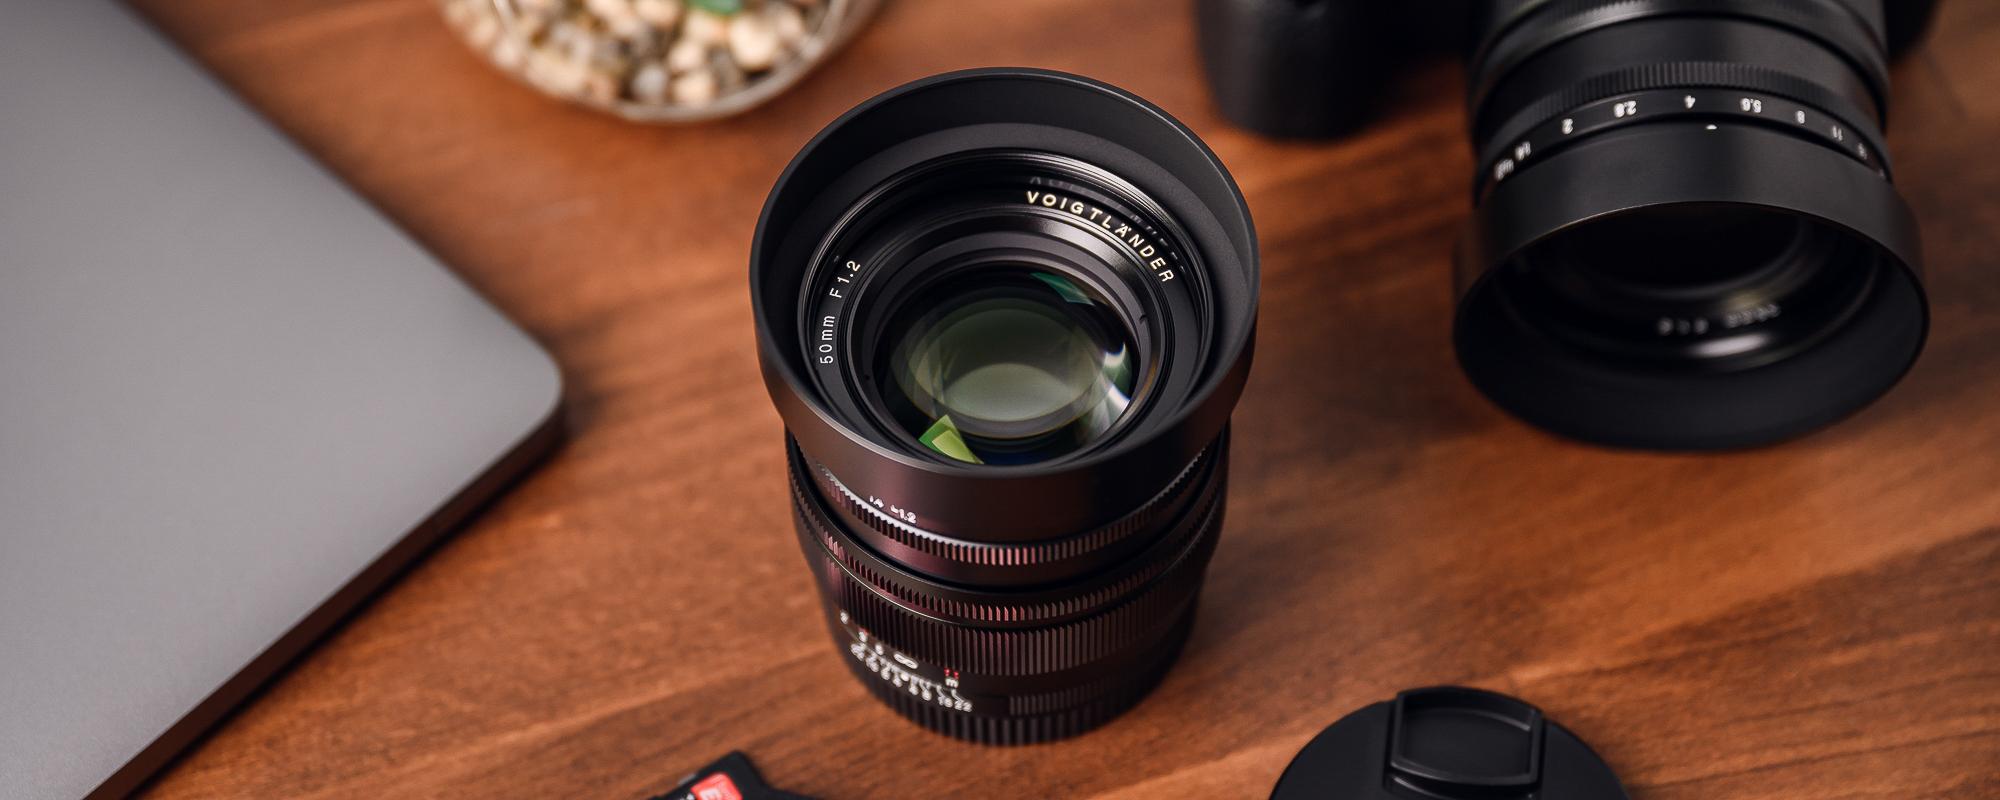 Obiektyw Voigtlander Nokton SE 50 mm f/1,2 do Sony E na stole widok z góry